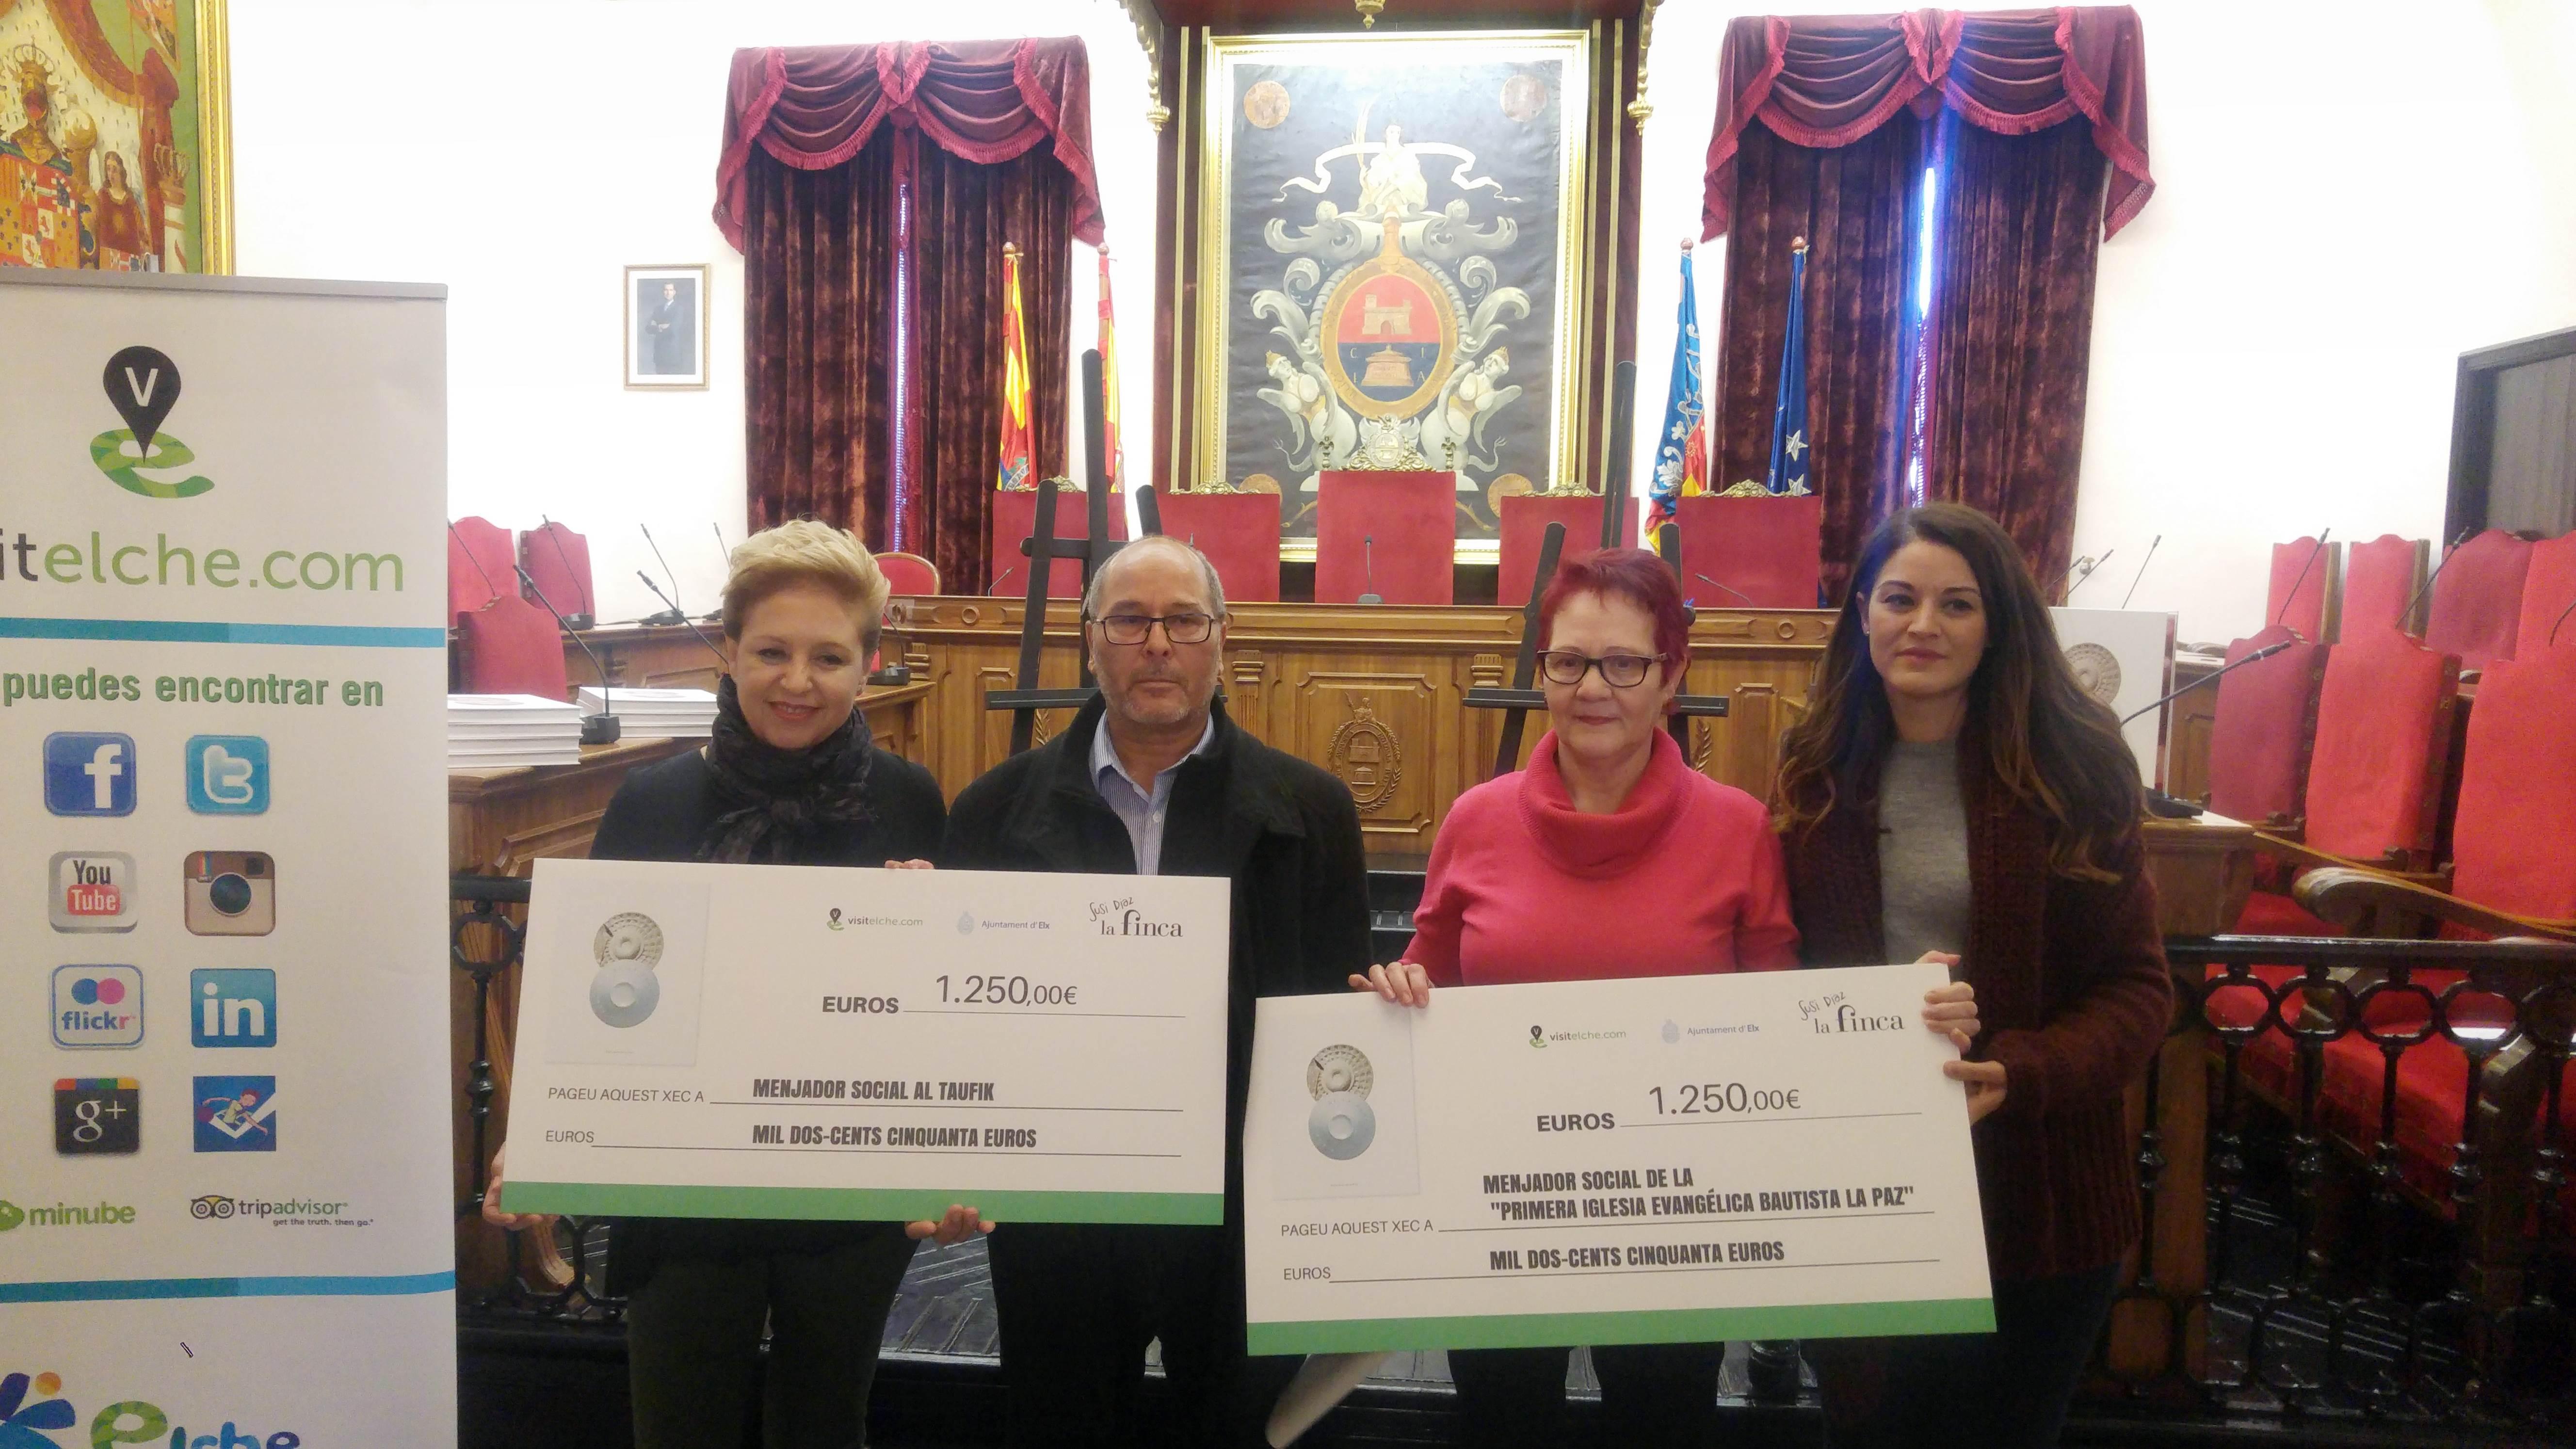 Visitelche y Susi Díaz entregan dos cheques con valor de 2.500 euros ...